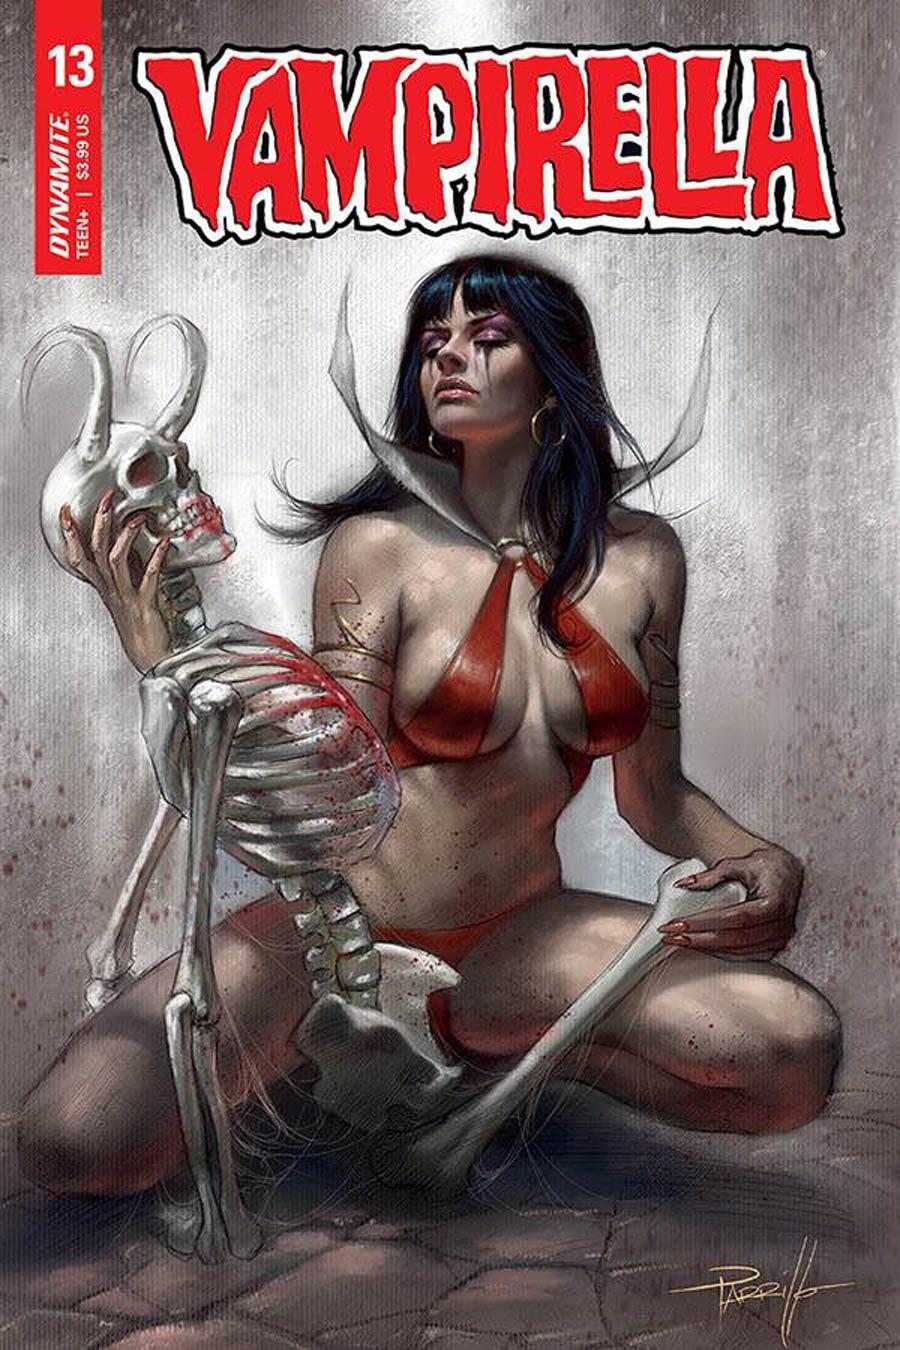 Vampirella Vol 8 #13 Cover A Regular Lucio Parrillo Cover